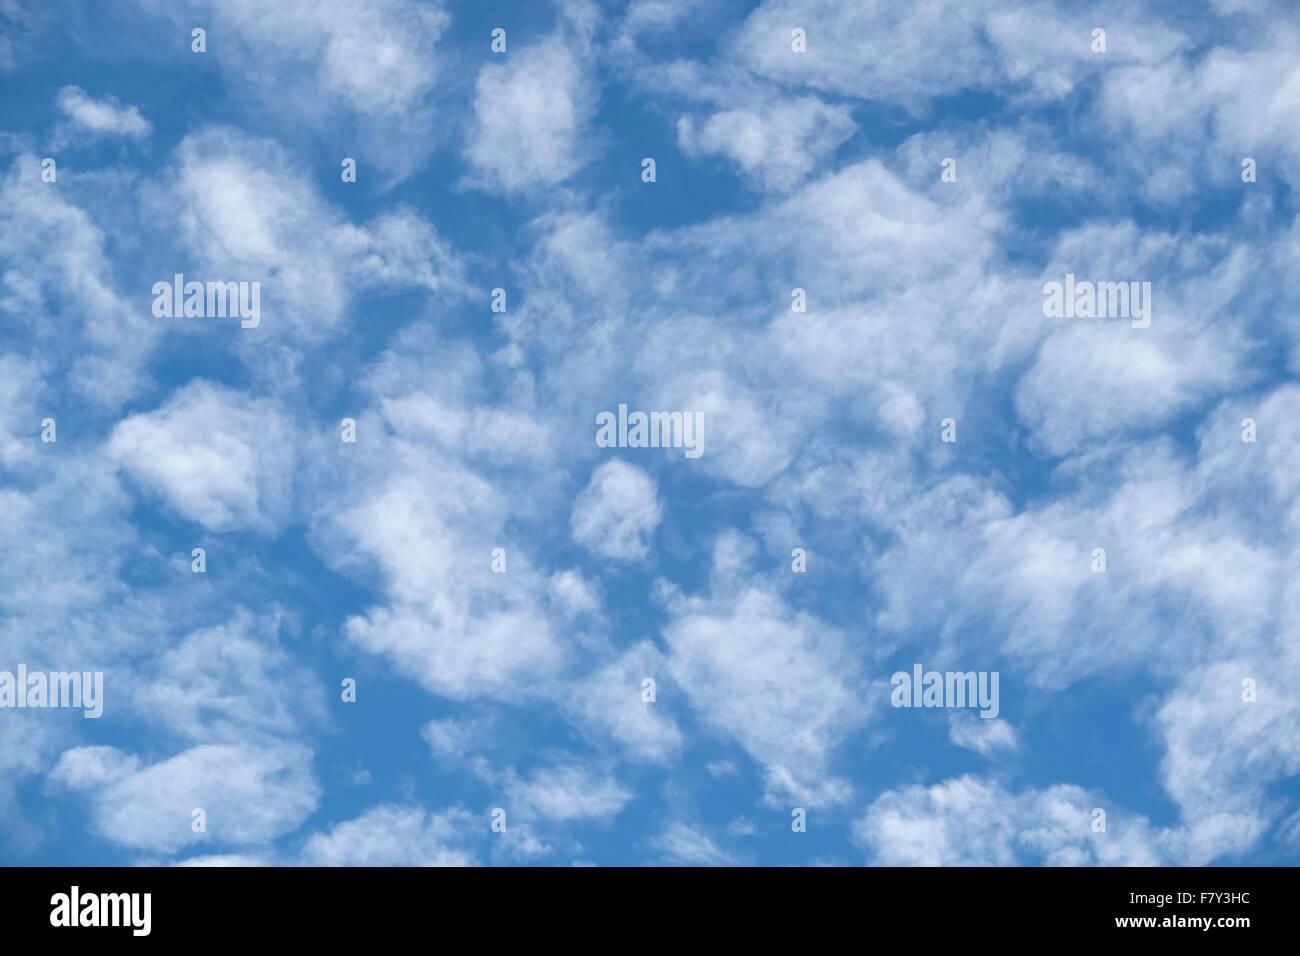 Mince doux nuages vaporeux blanc contre le ciel bleu. Une douce nature détente libre. Photo Stock